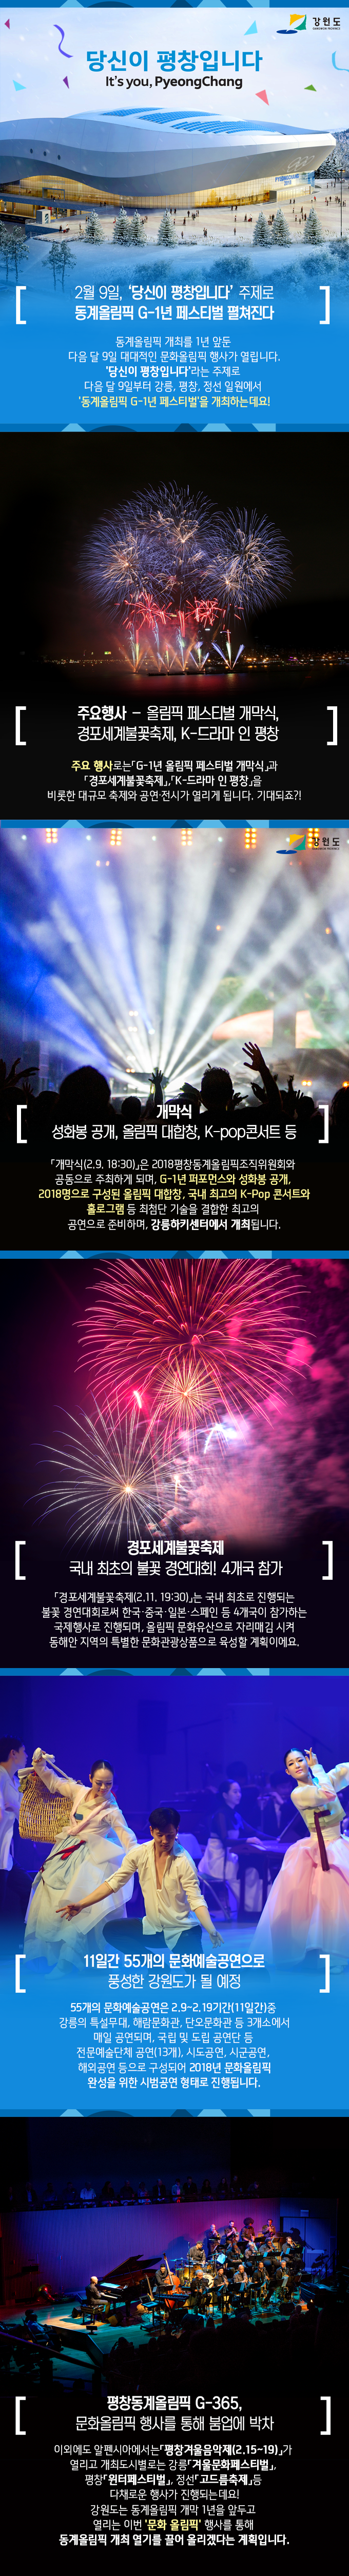 2월9일, 평창동계올림픽 G-1년 페스티벌